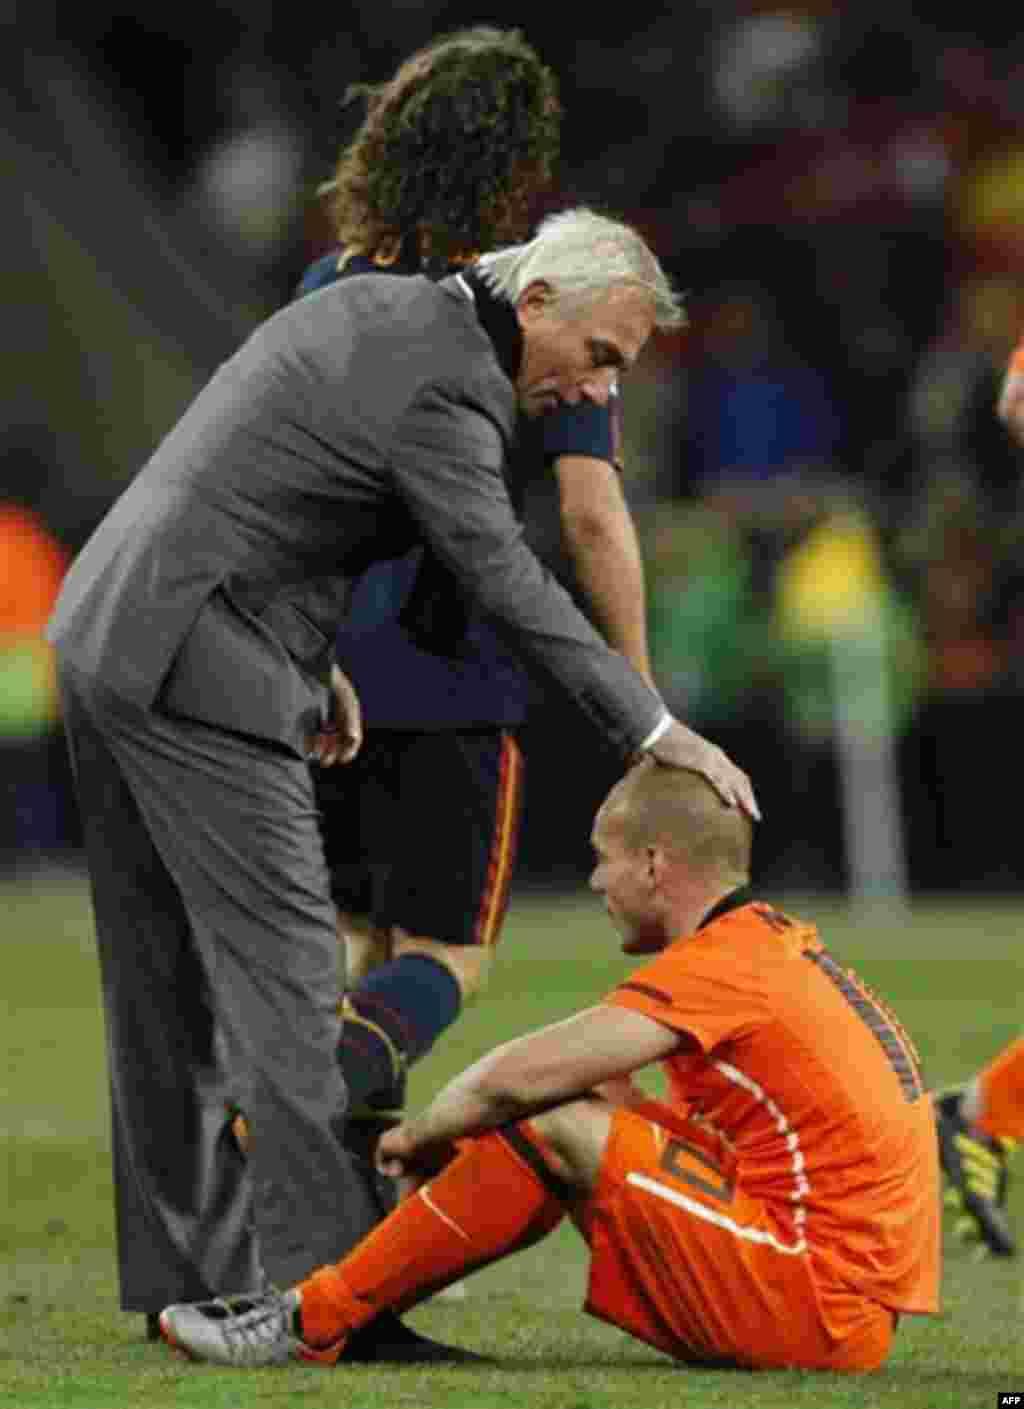 Holandija je poražena i u trećem finalu Mondijala: trener Bert van Marvijk teši najboljeg strelca ekipe Veslija Snajdera, nakon poraza od Španije 1:0 (AP Photo/Bernat Armangue)